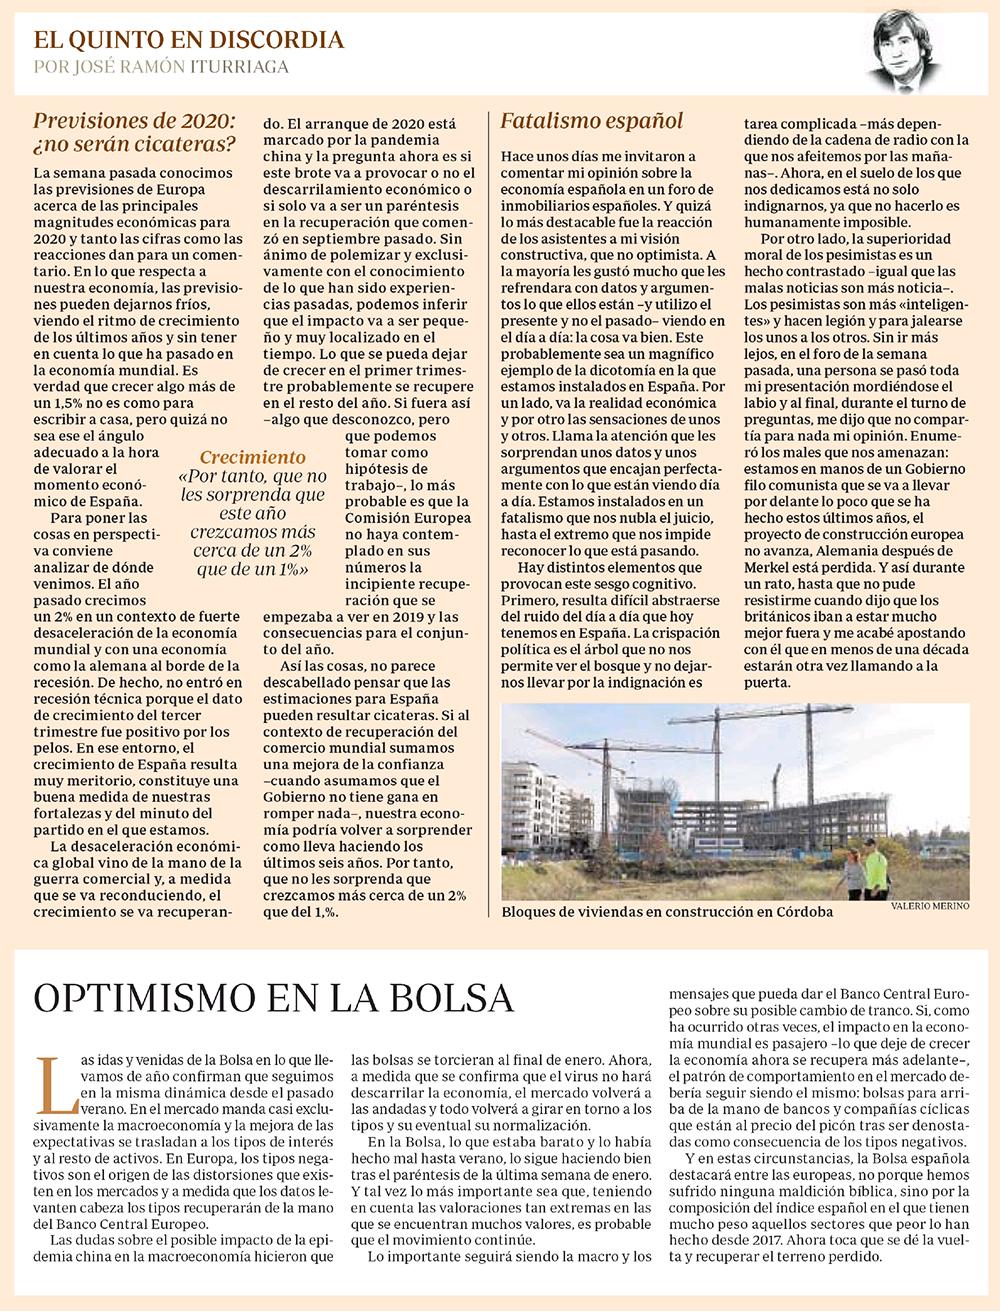 EQED de José Ramón Iturriaga en ABC